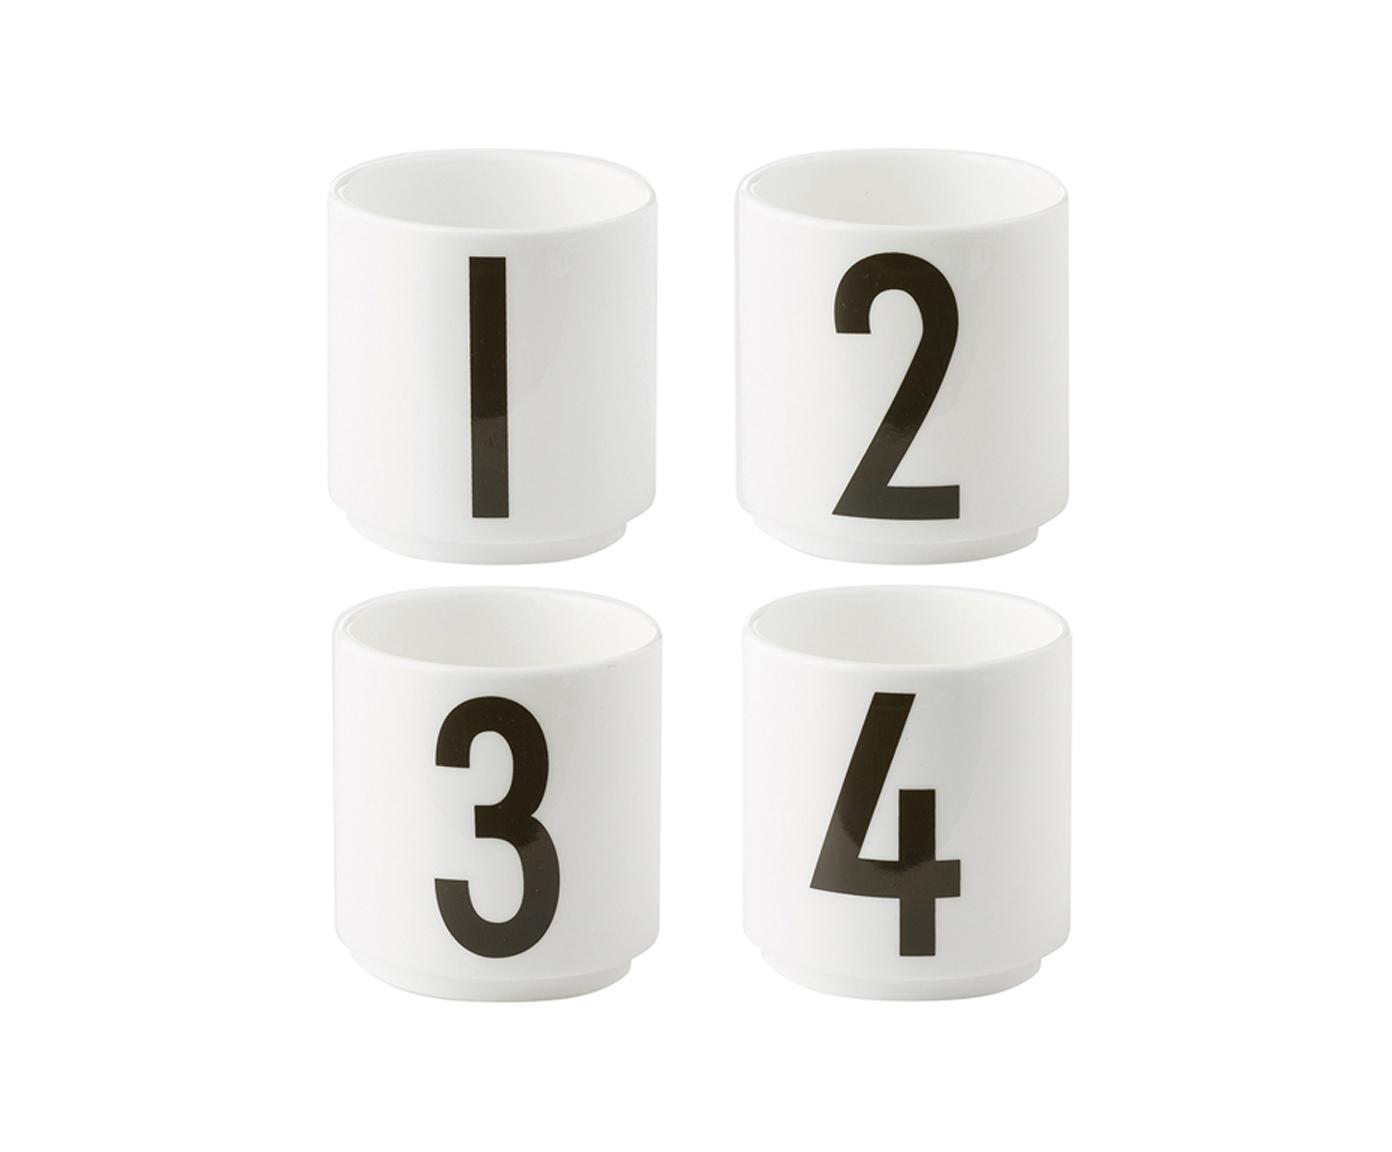 Design Espressobecher 1234 mit Zahlen, 4er-Set, Fine Bone China, Weiss, Schwarz, Ø 5 x H 6 cm